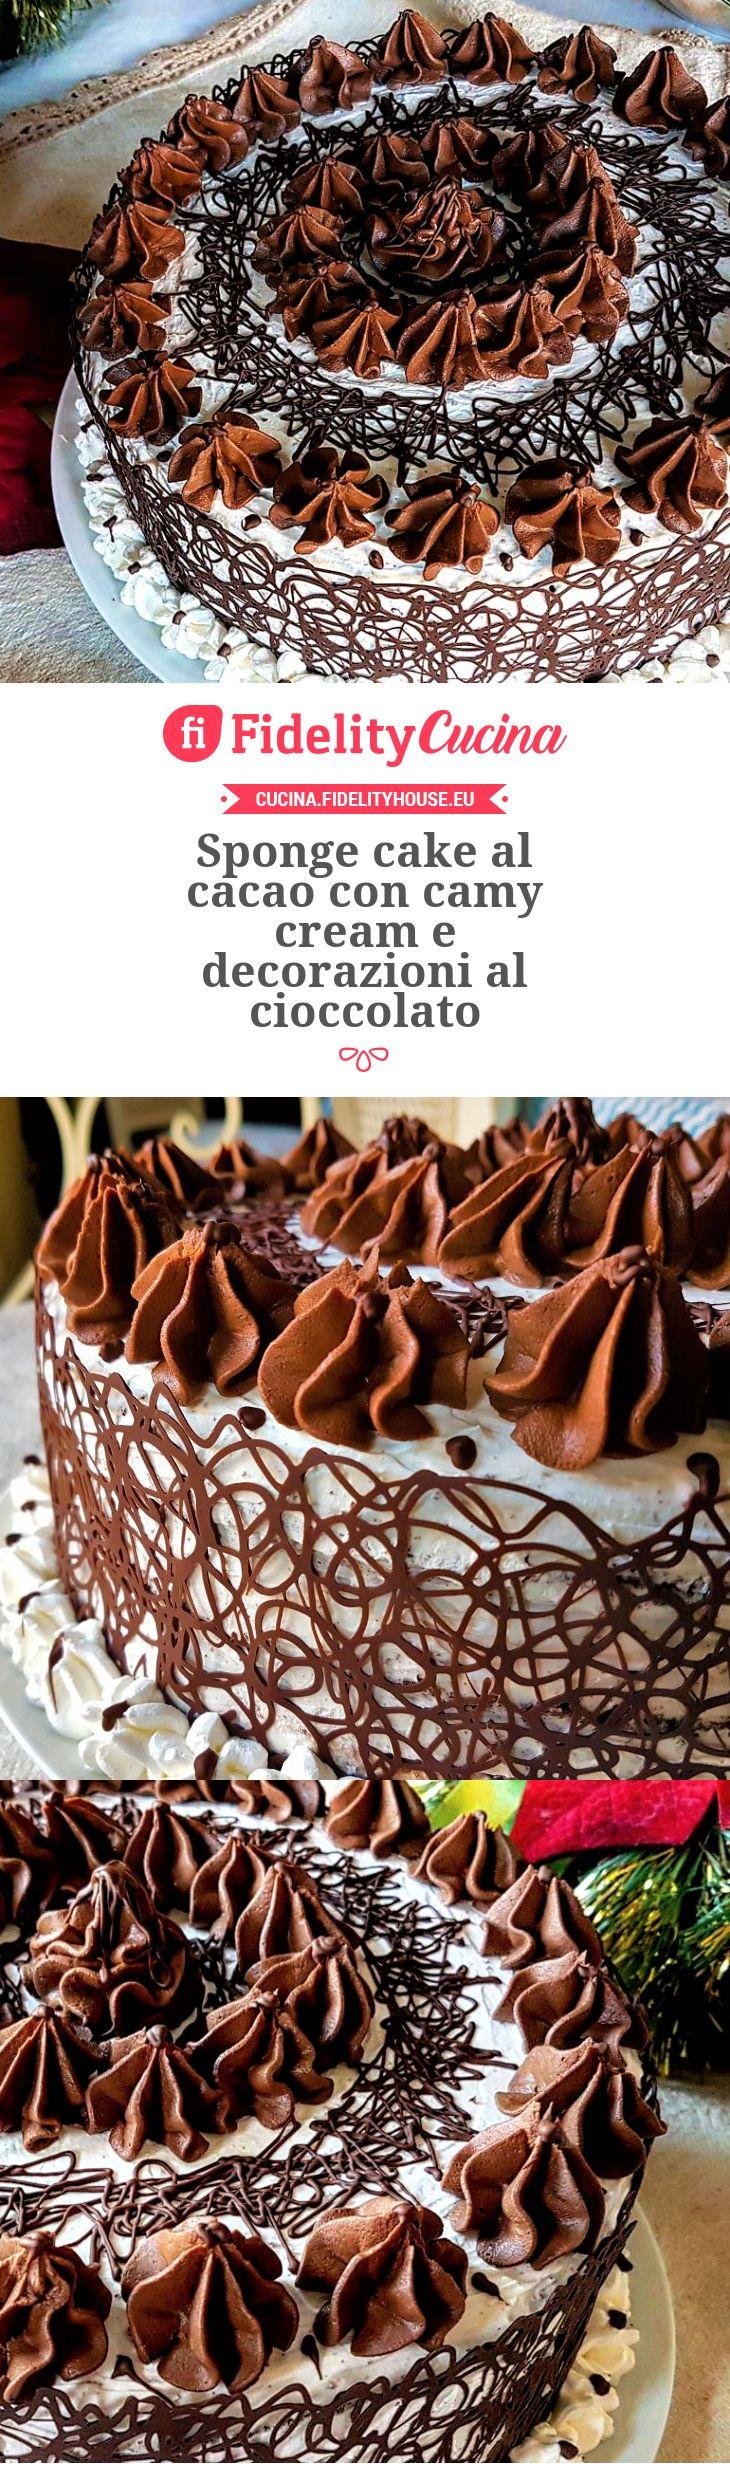 Sponge cake al cacao con camy cream e decorazioni al cioccolato